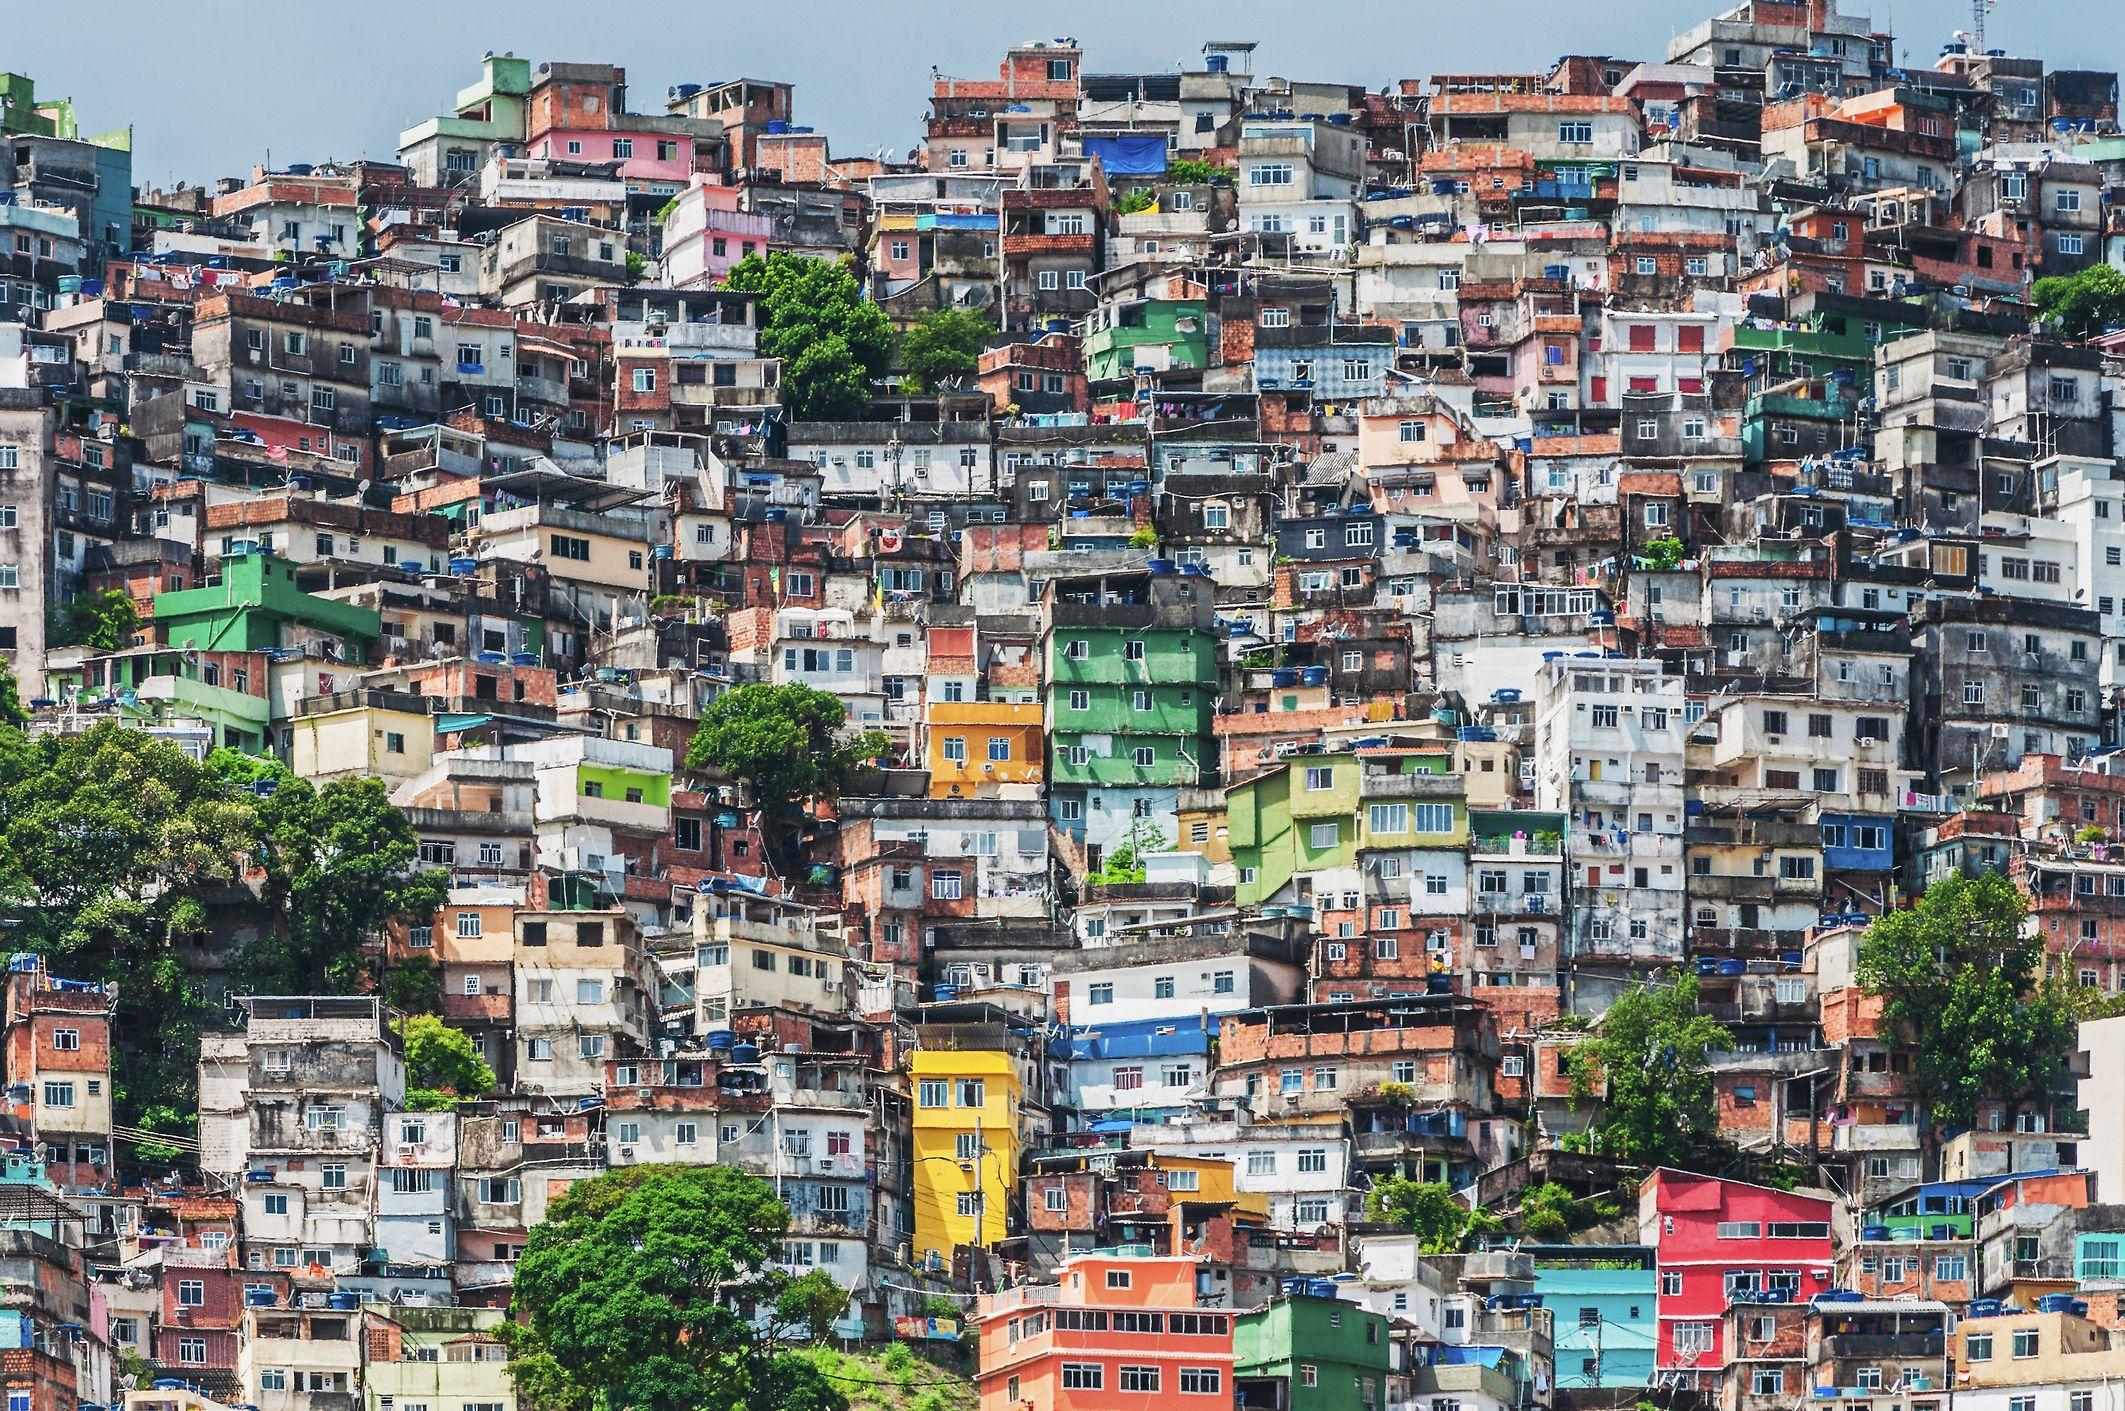 ▷ Turismo de barrios marginales: ¿qué es y qué está bien? - ExoViajes